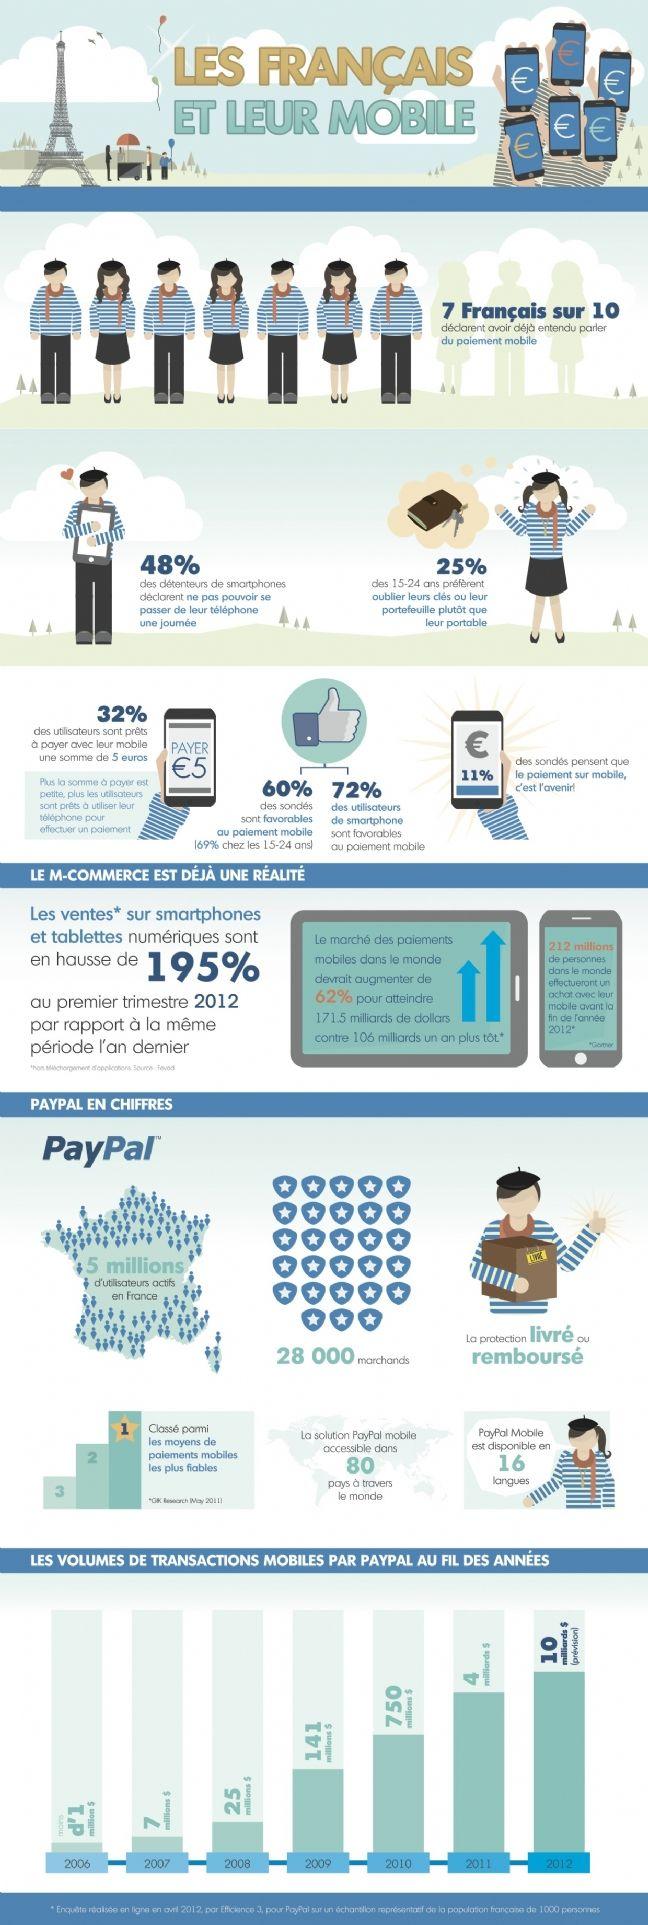 Les Français et leur mobile